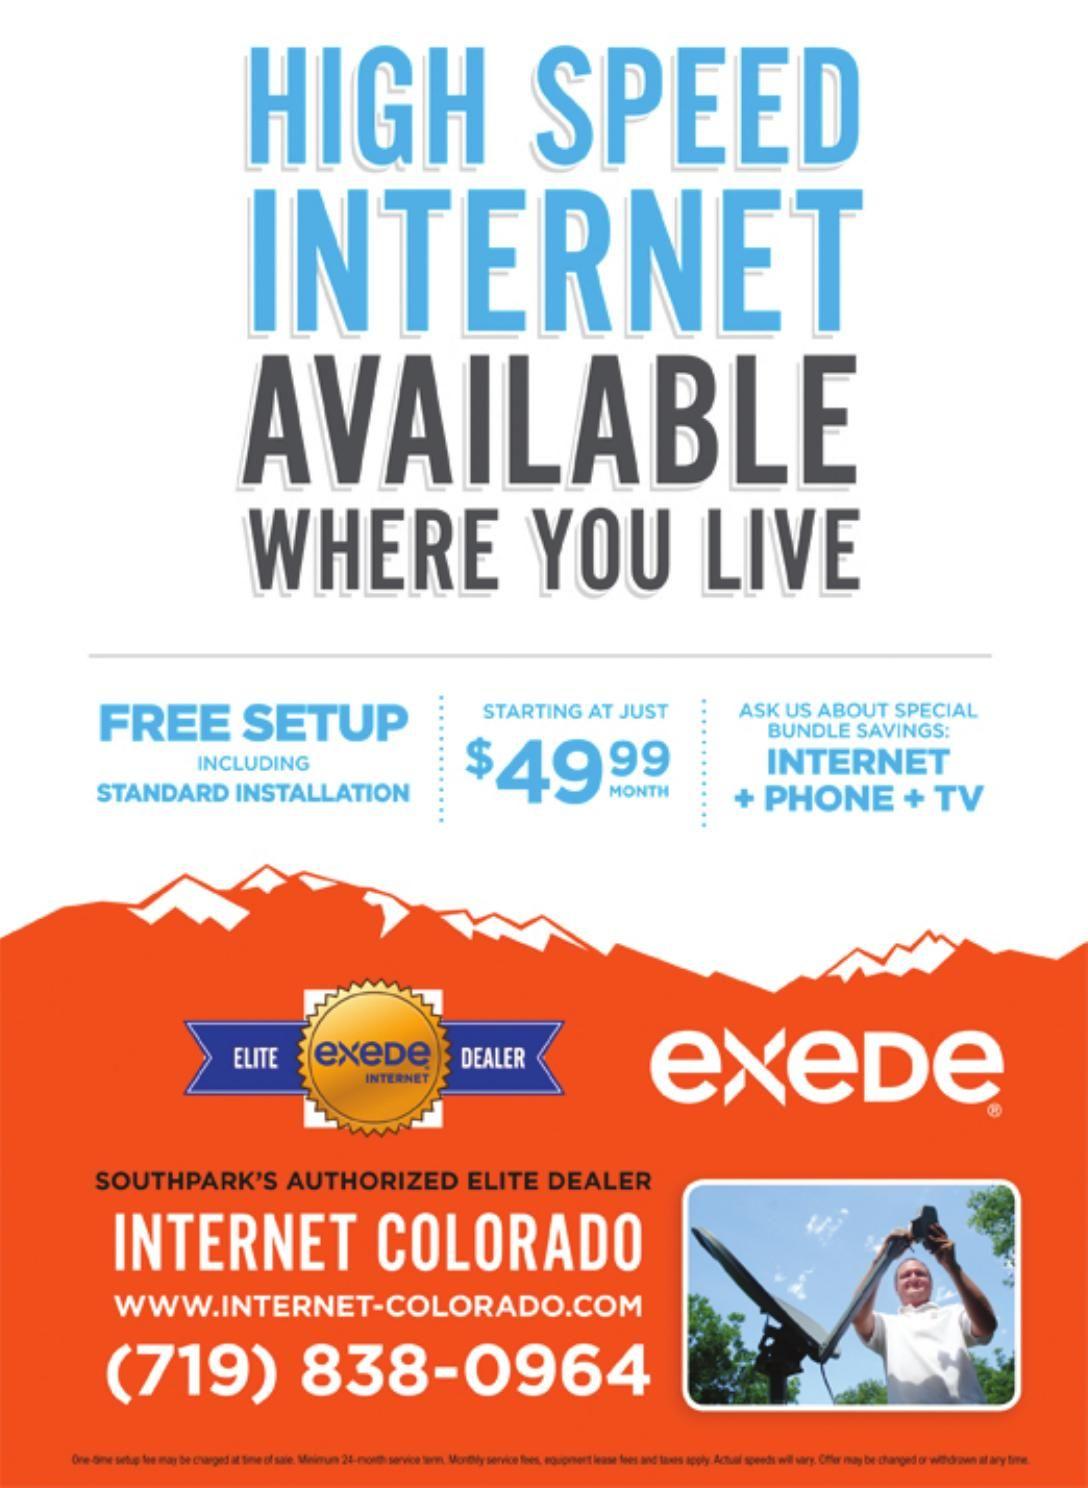 Exede internet